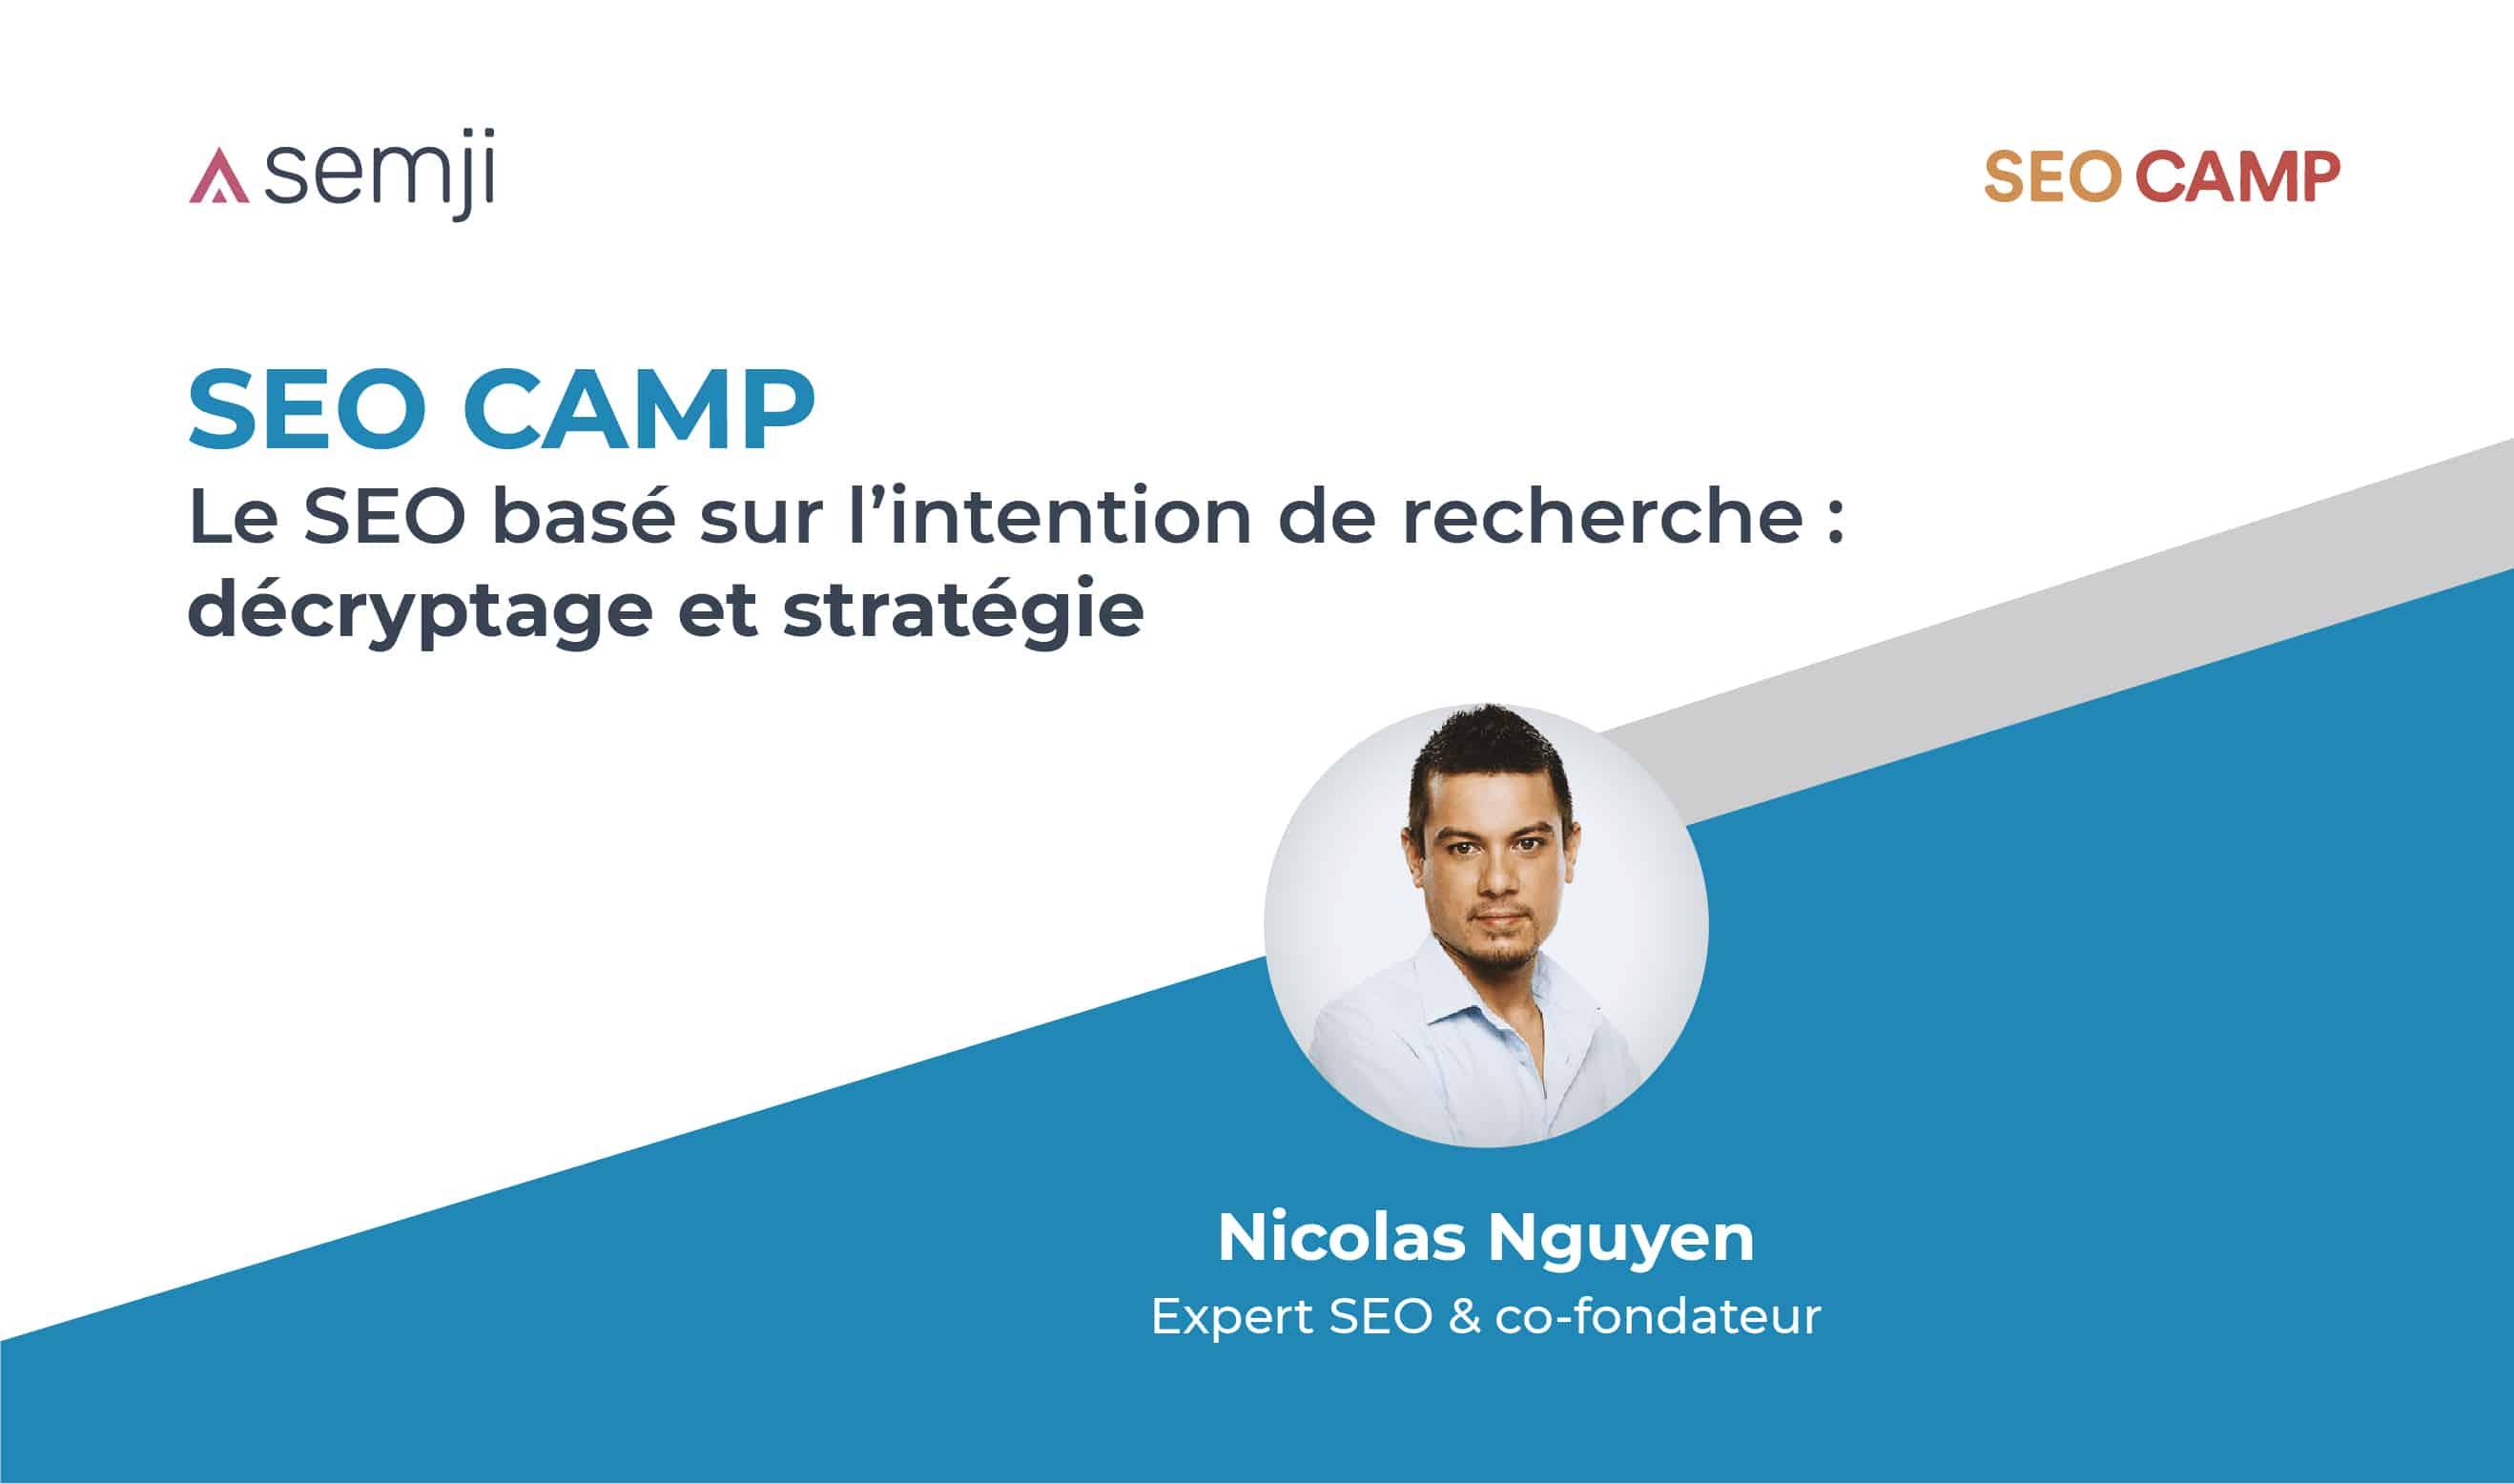 SEO Camp : Le SEO basé sur l'intention de recherche